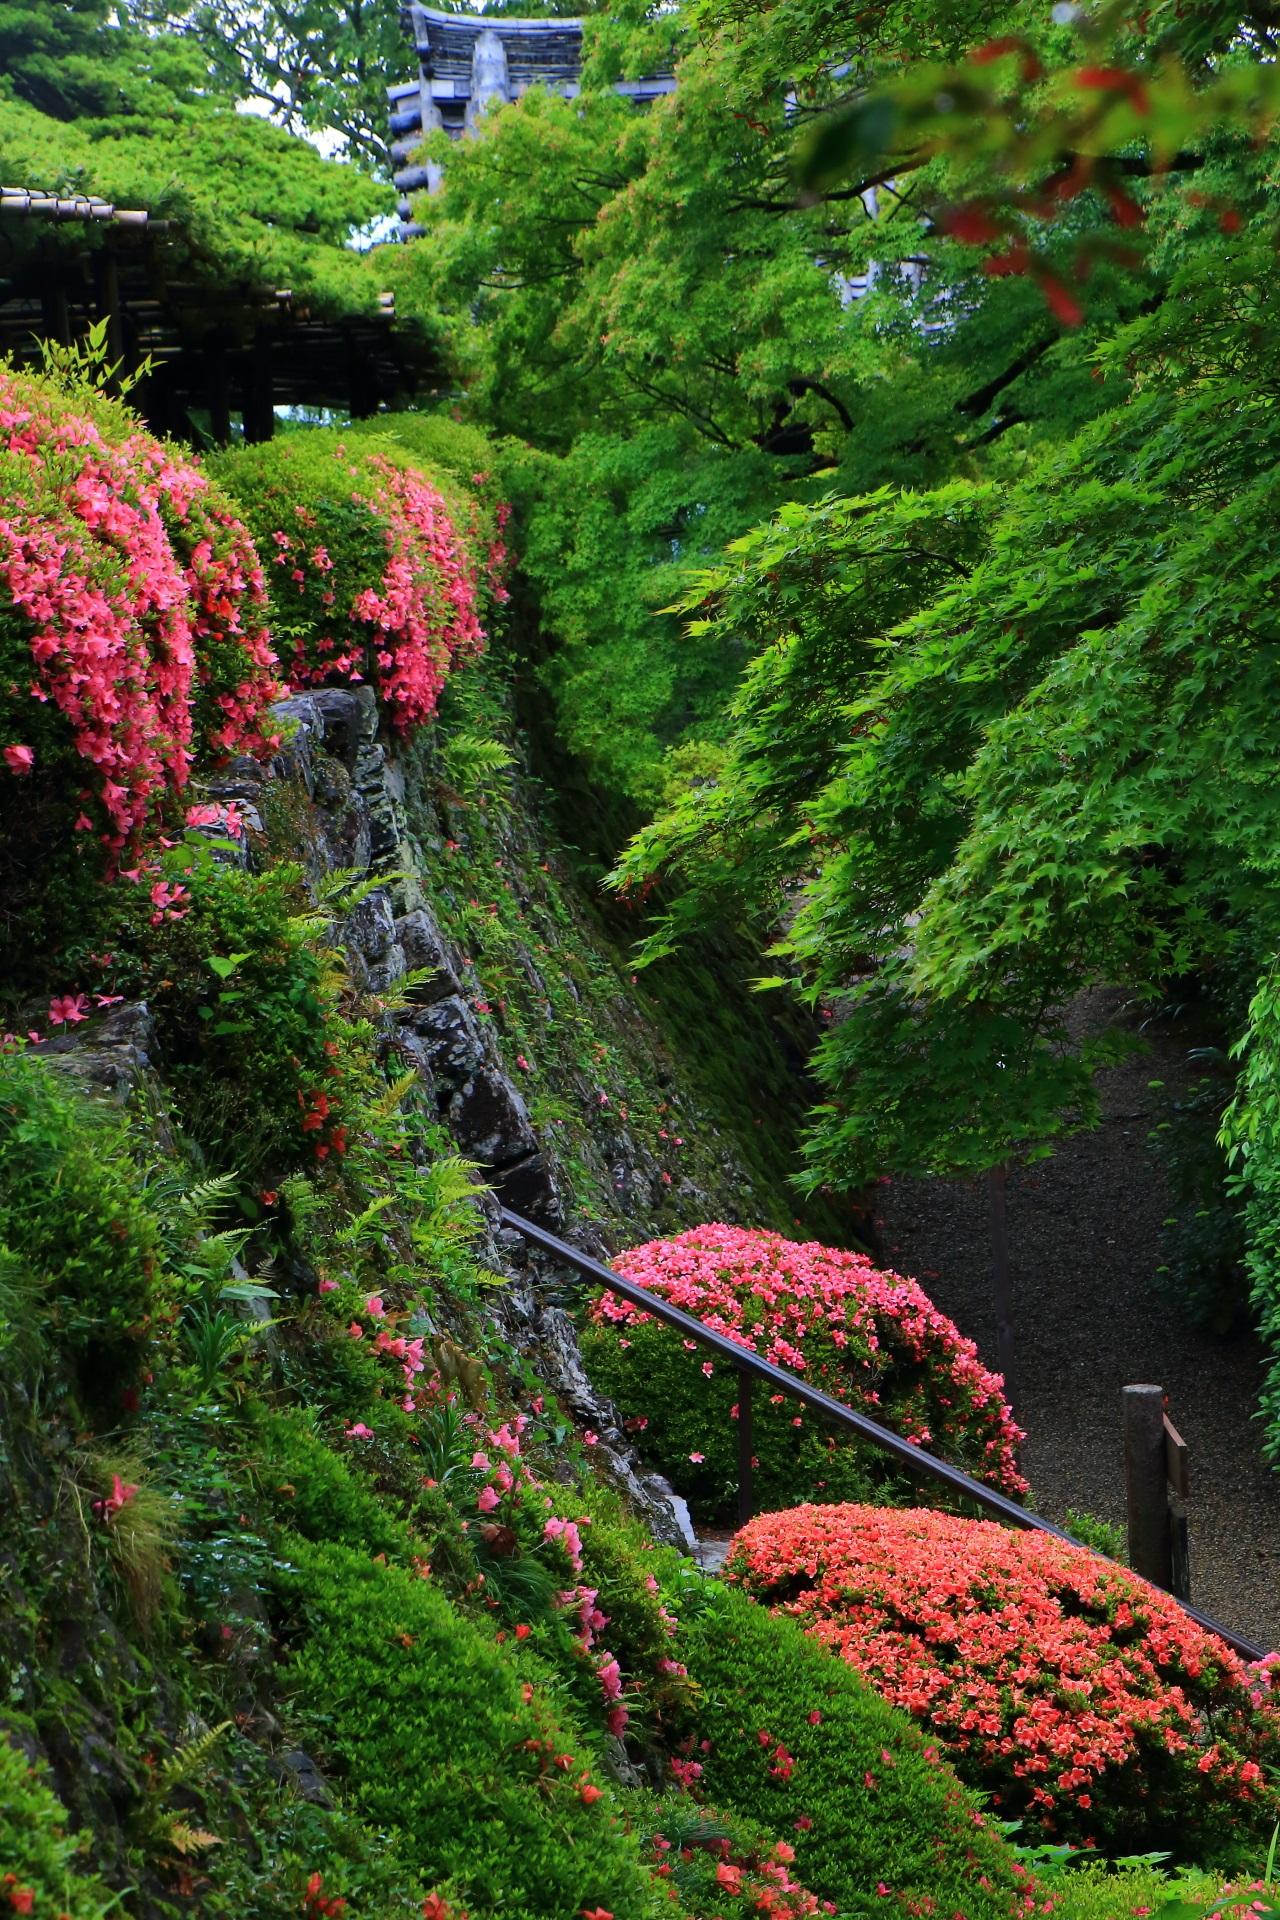 深い緑に映える鮮やかなピンクや朱色のサツキ